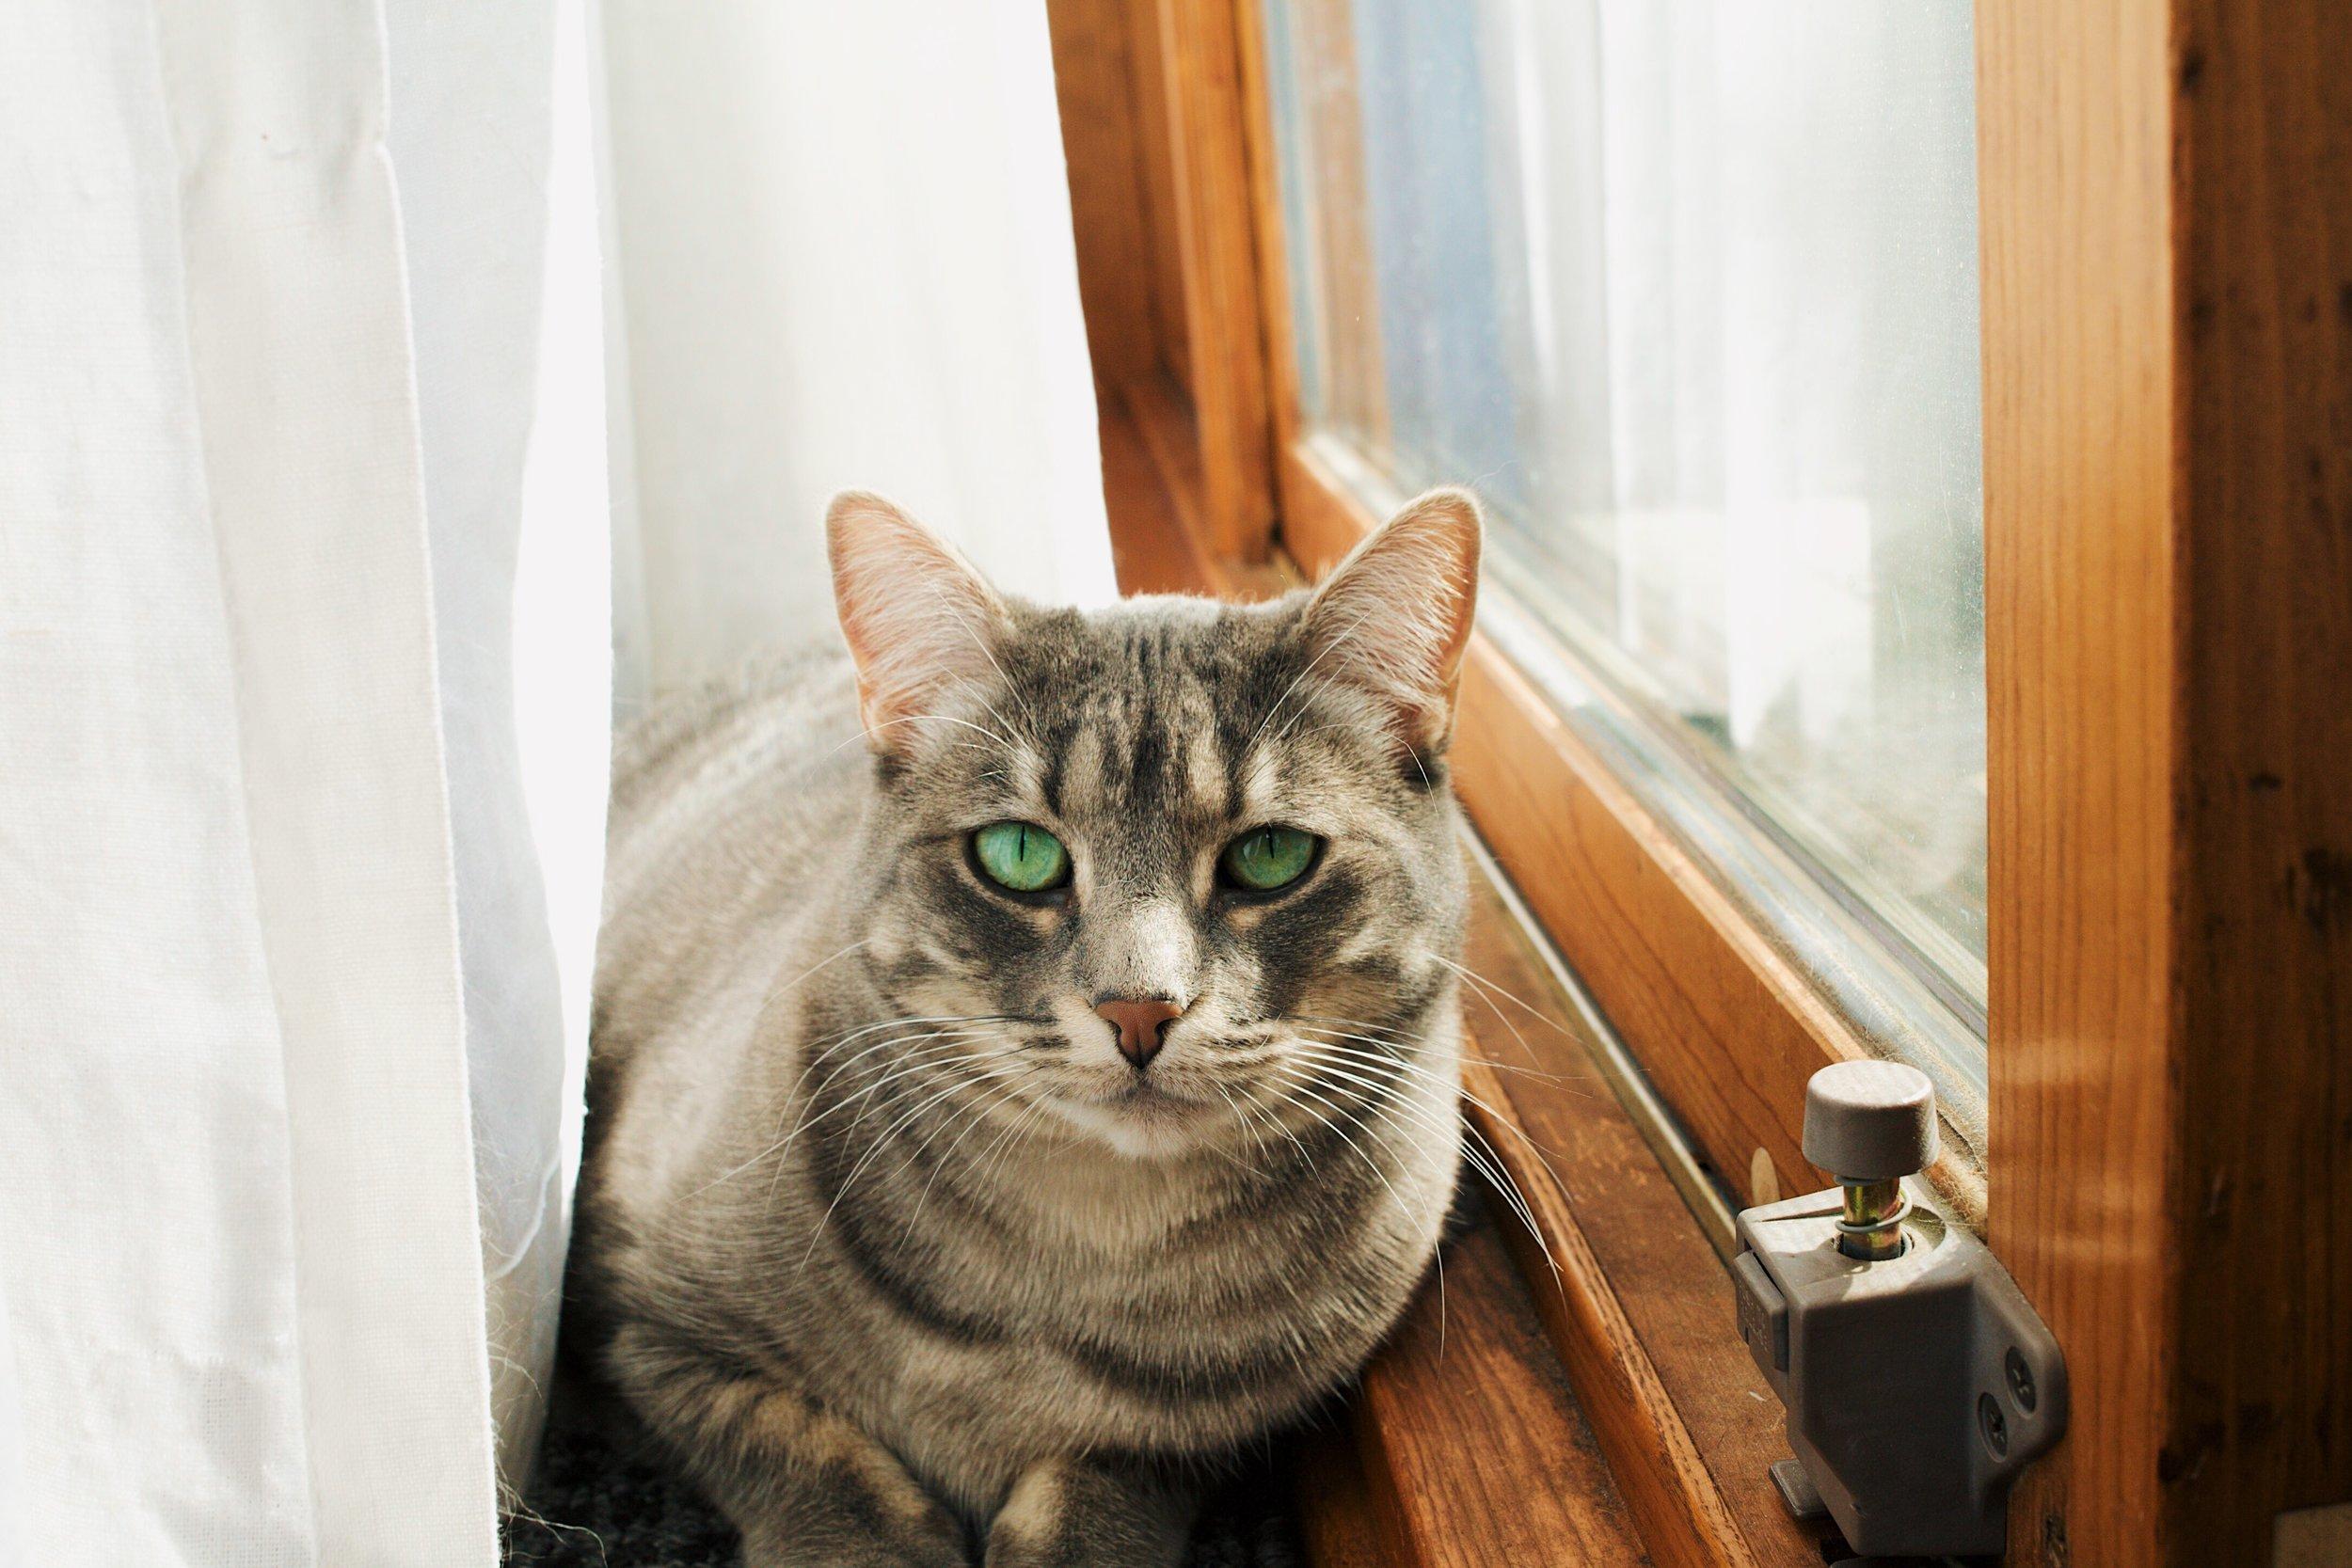 Jade's cat Calliope